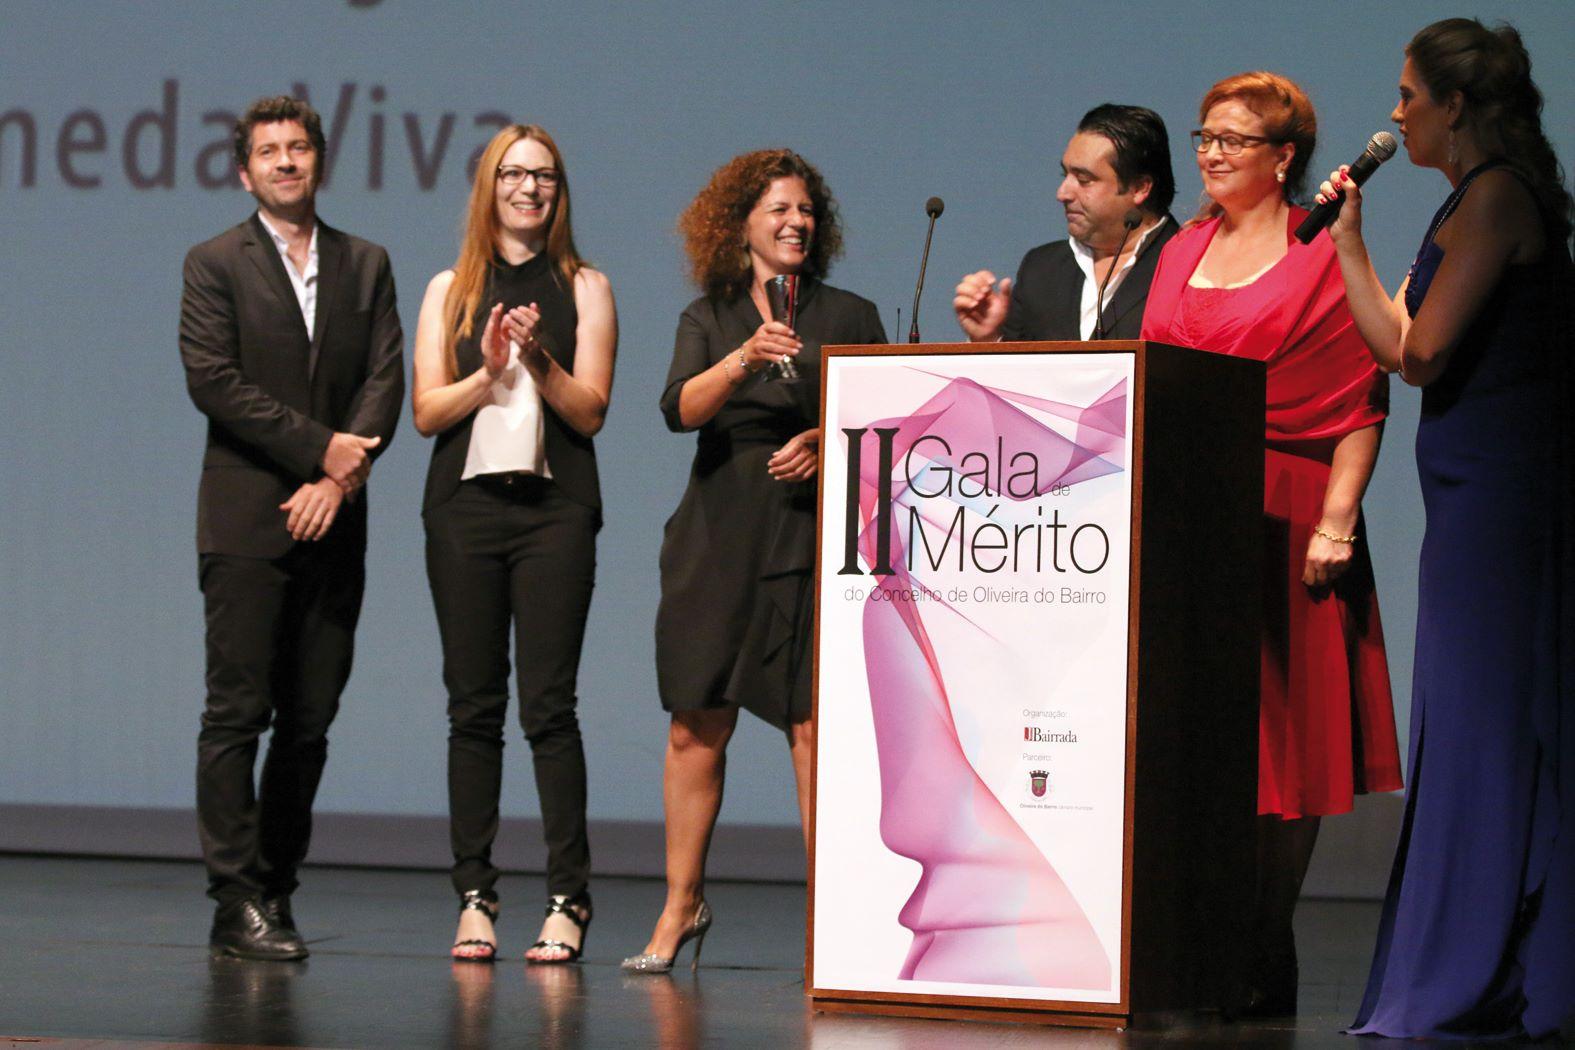 II Gala de Mérito promovida pelo Jornal da Bairrada e Câmara Municipal de Oliveira do Bairro